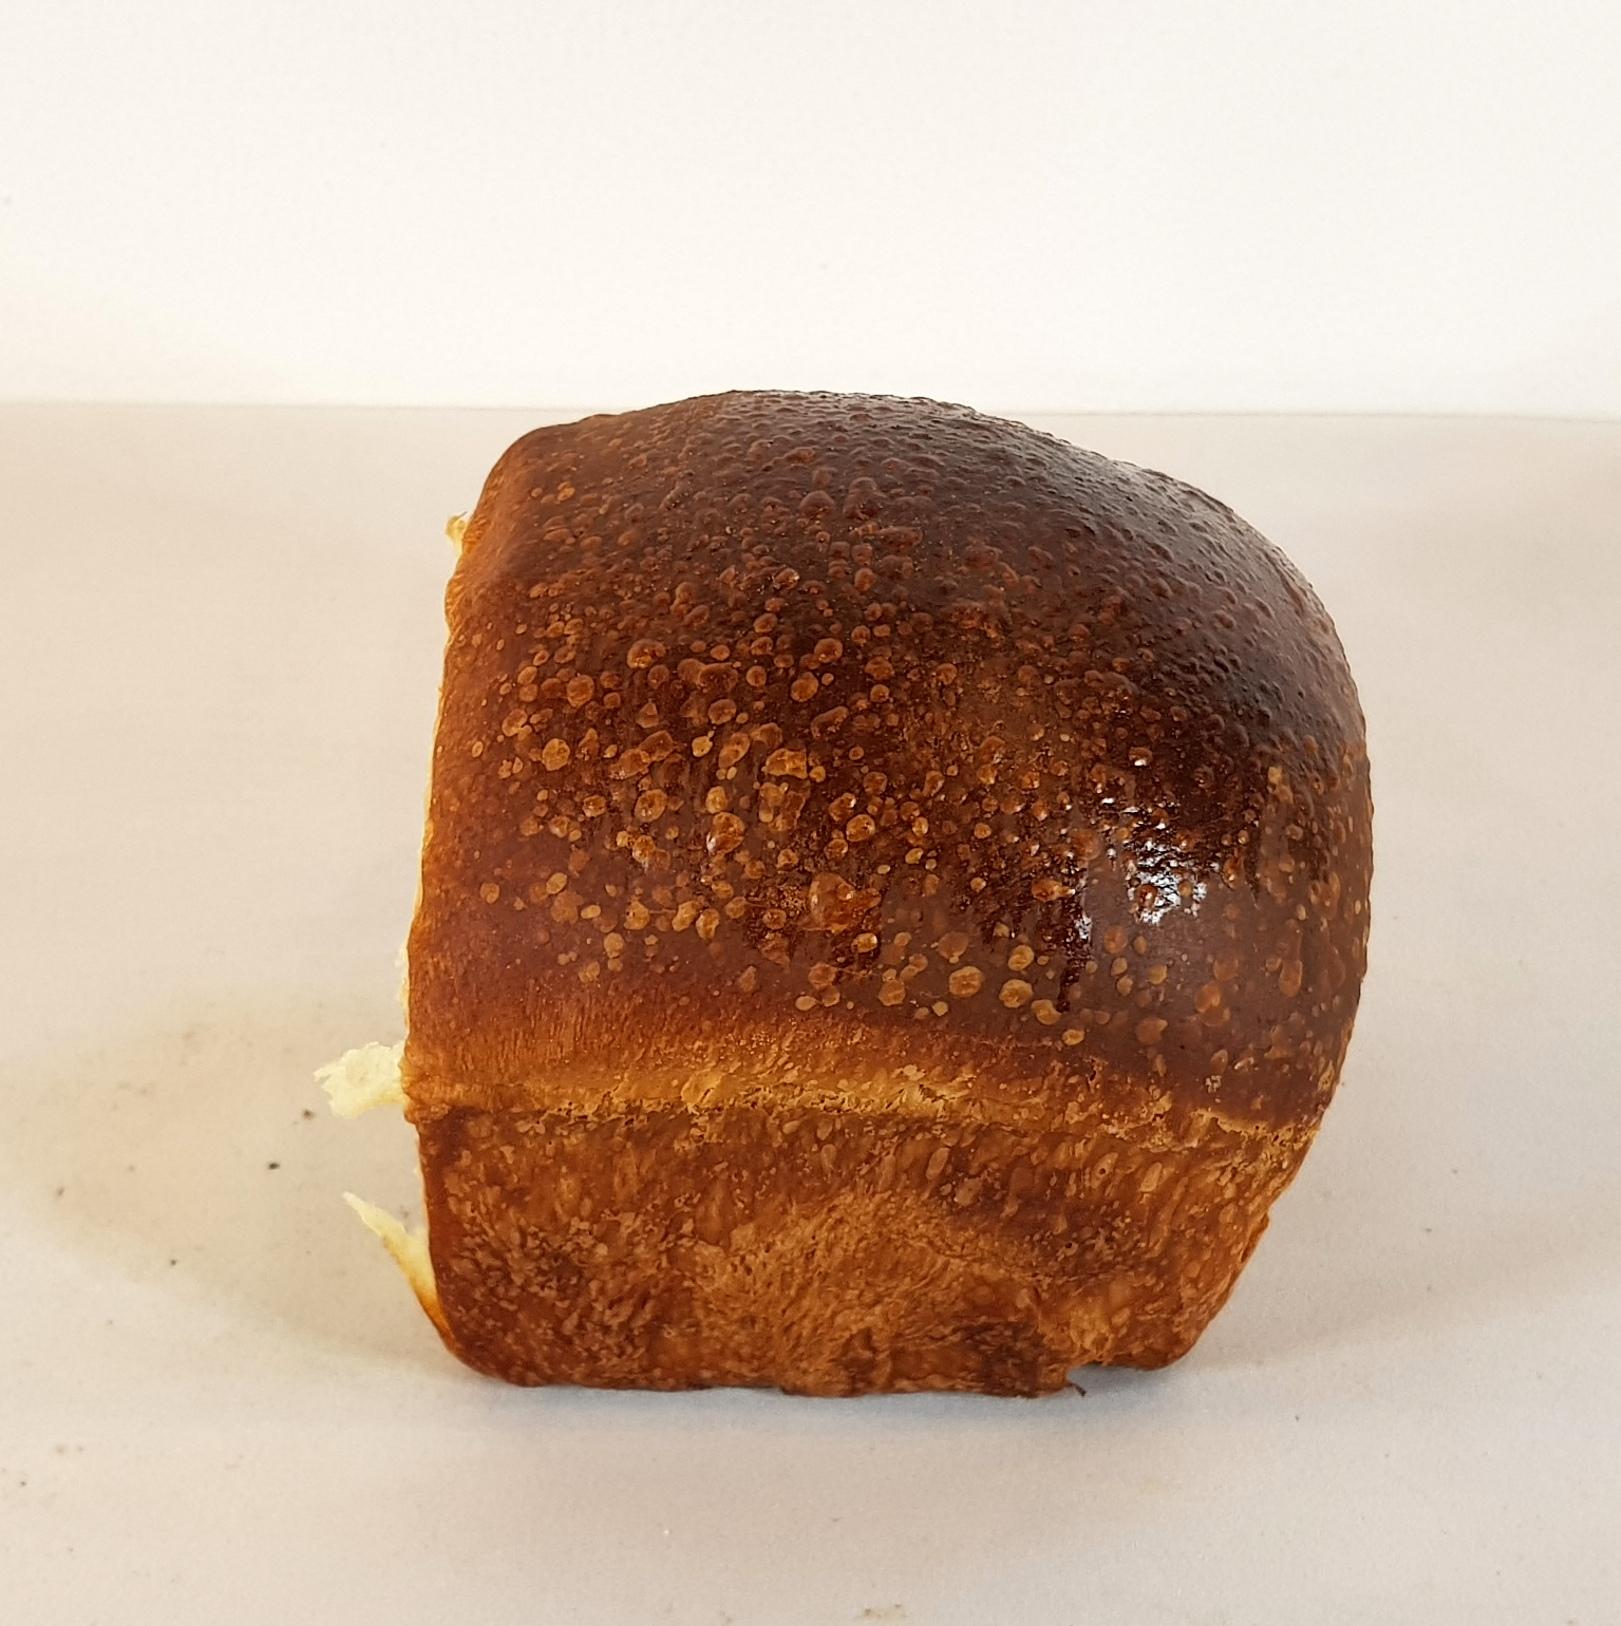 Brioche Andy's Bread